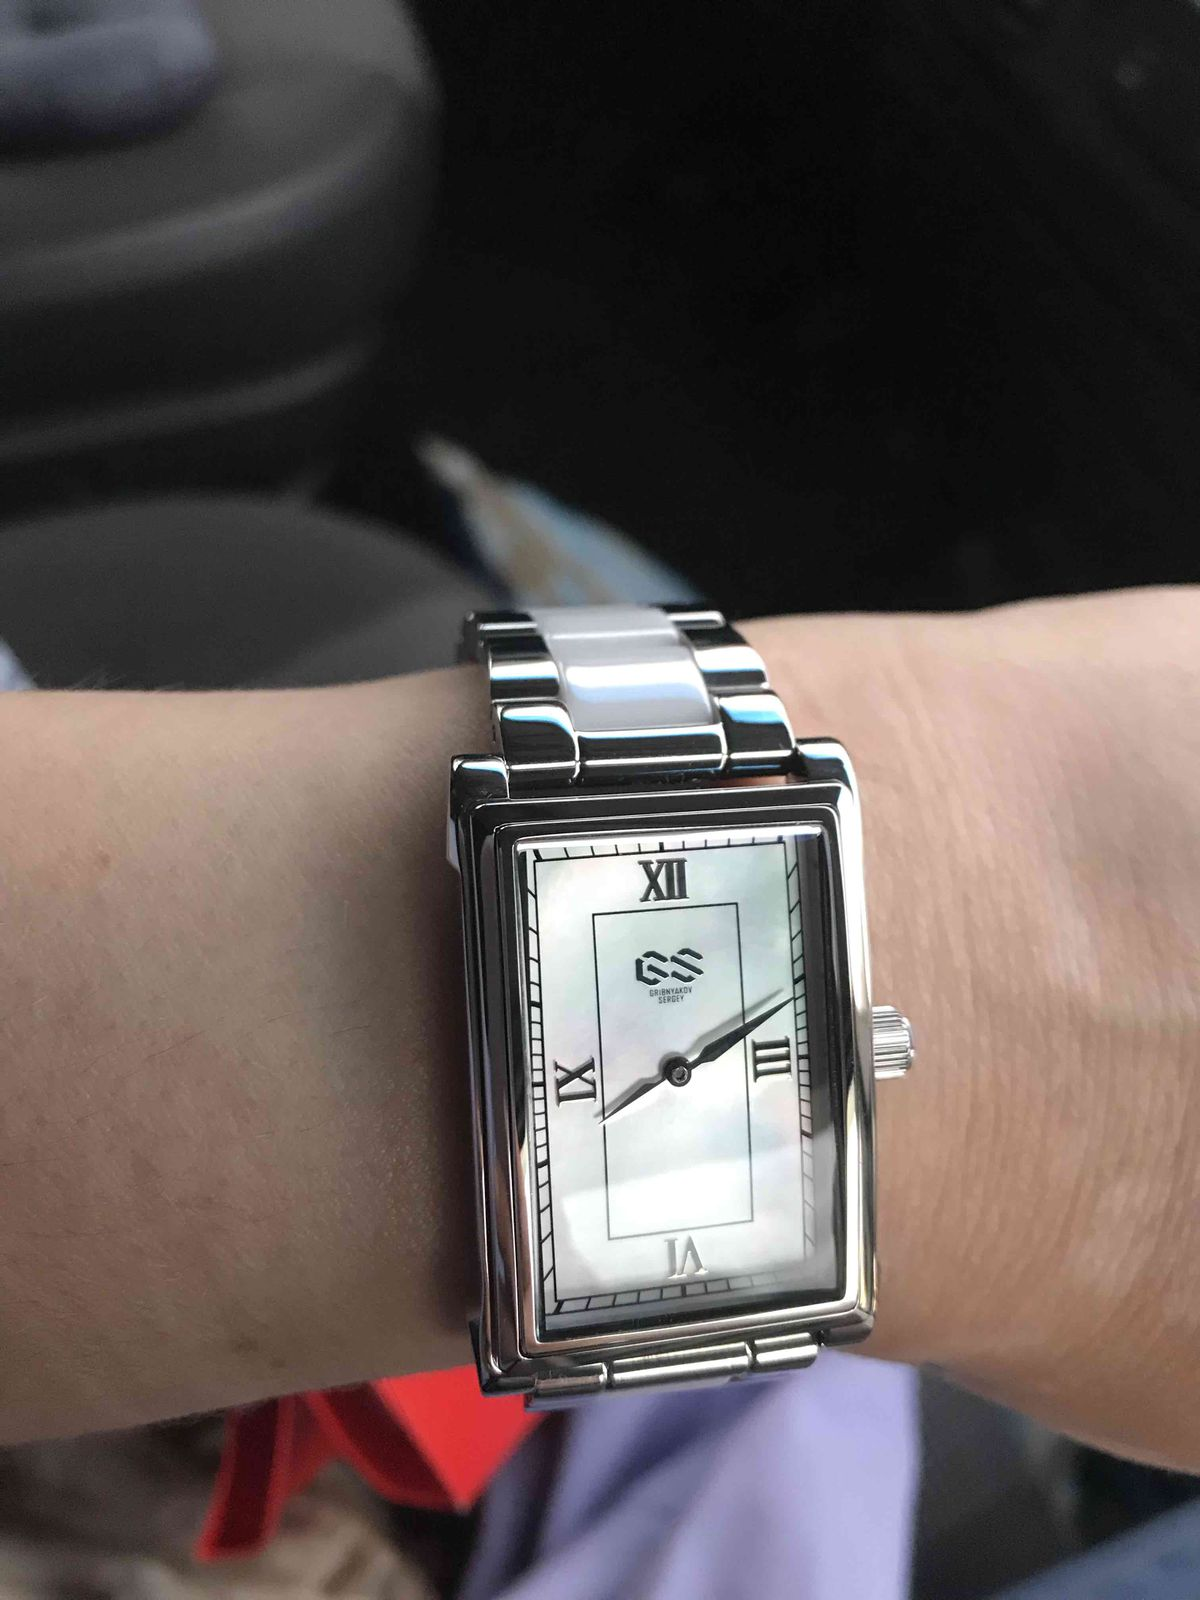 Отличные, стильные и дорого смотрящиеся часы !!!Рекомендую, не пожалеете !)